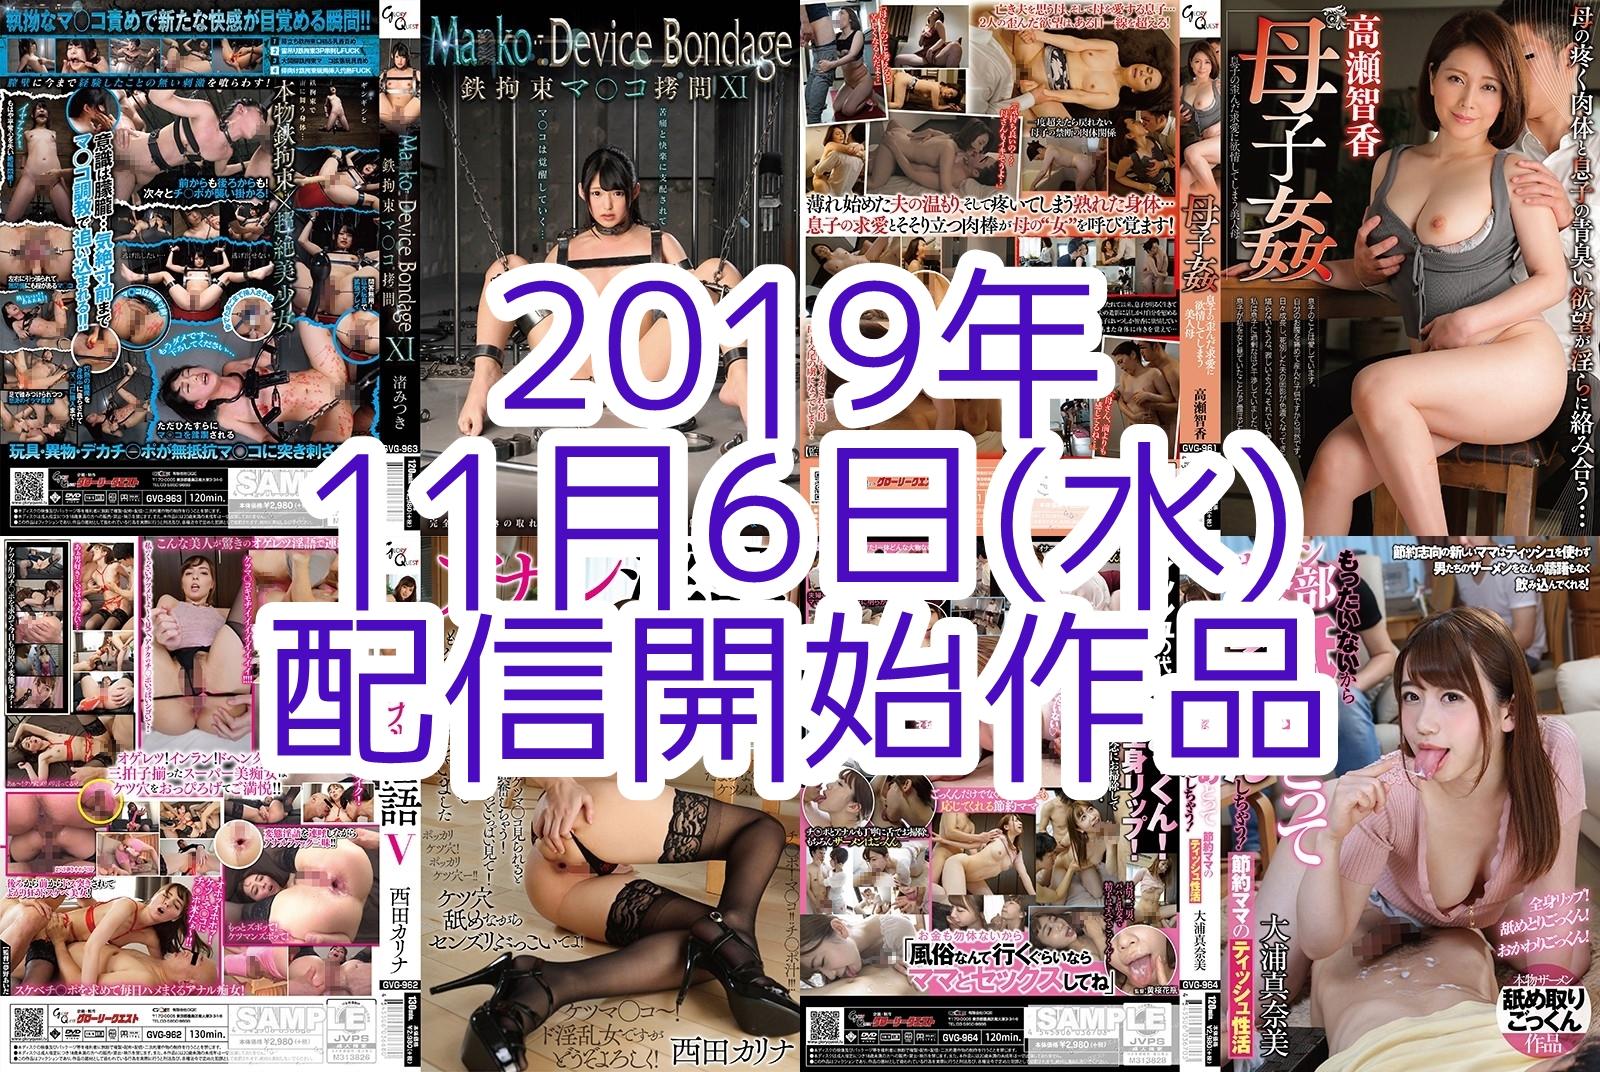 13gvg00963pl-tile.jpg